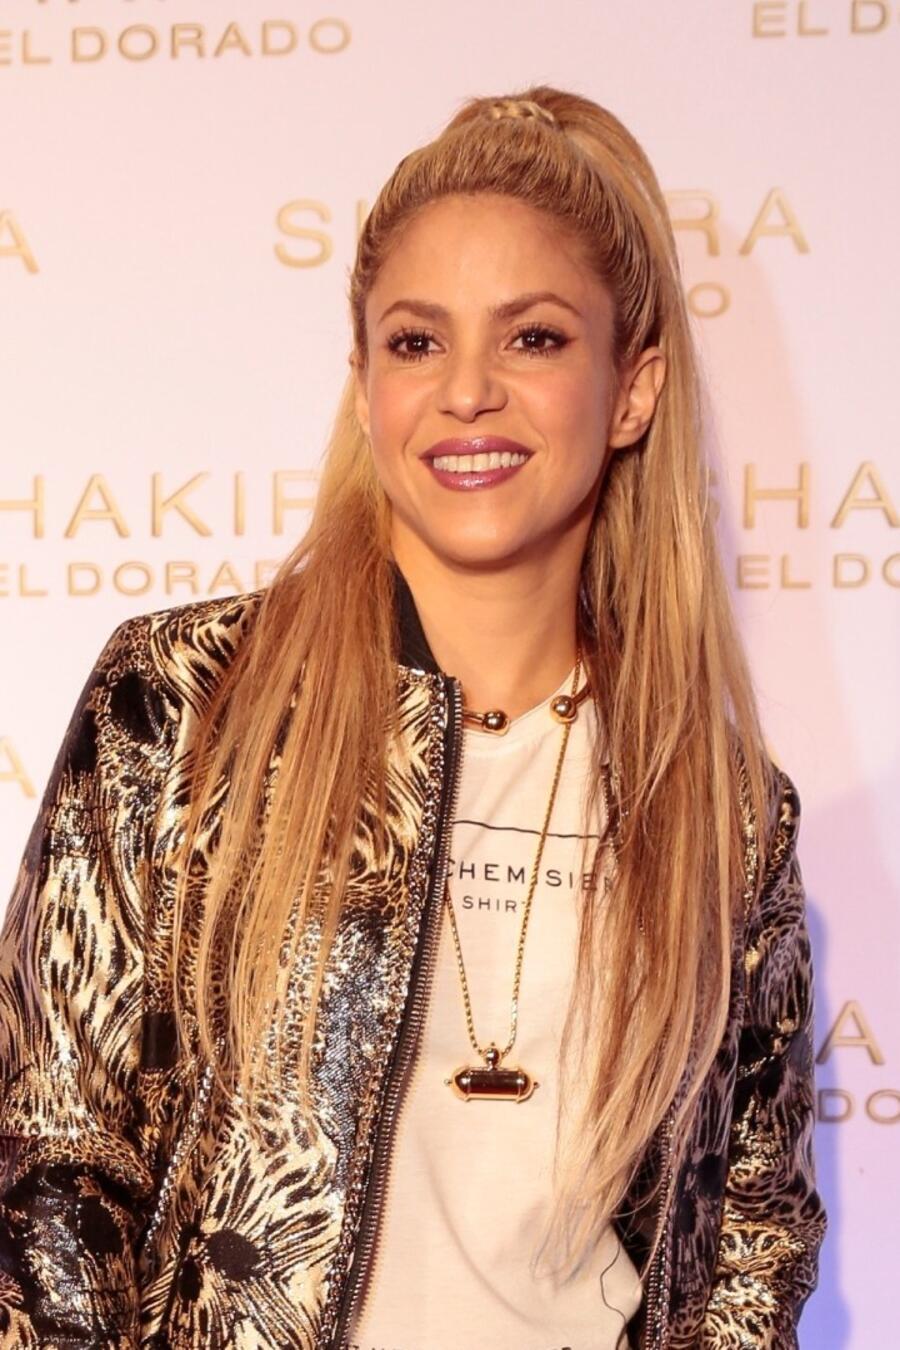 Shakira presenta su álbum El Dorado en Barcelona